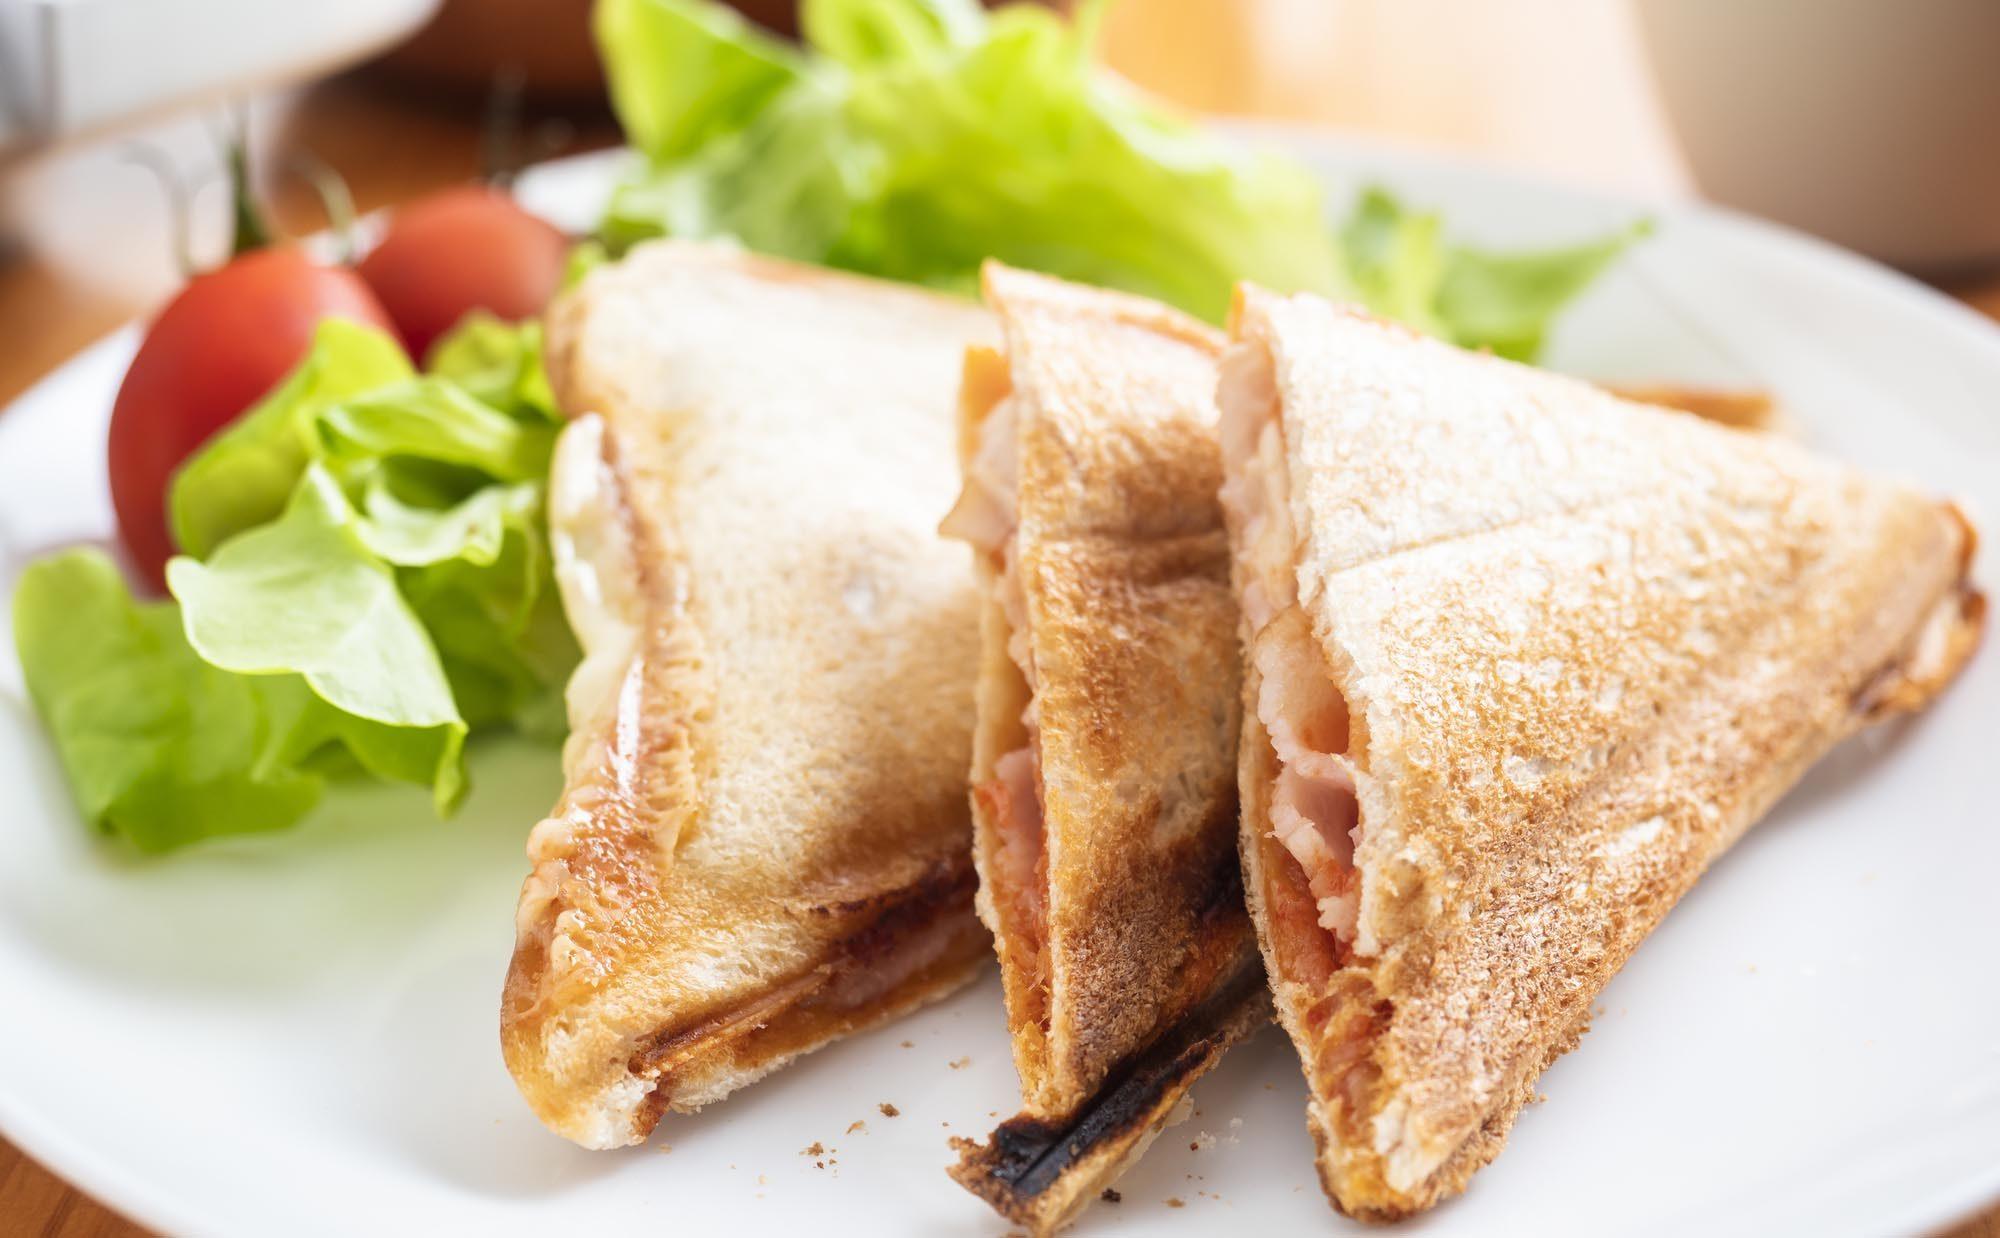 3月13日はサンドイッチの日! 朝食にぴったりなホットサンドレシピ4選